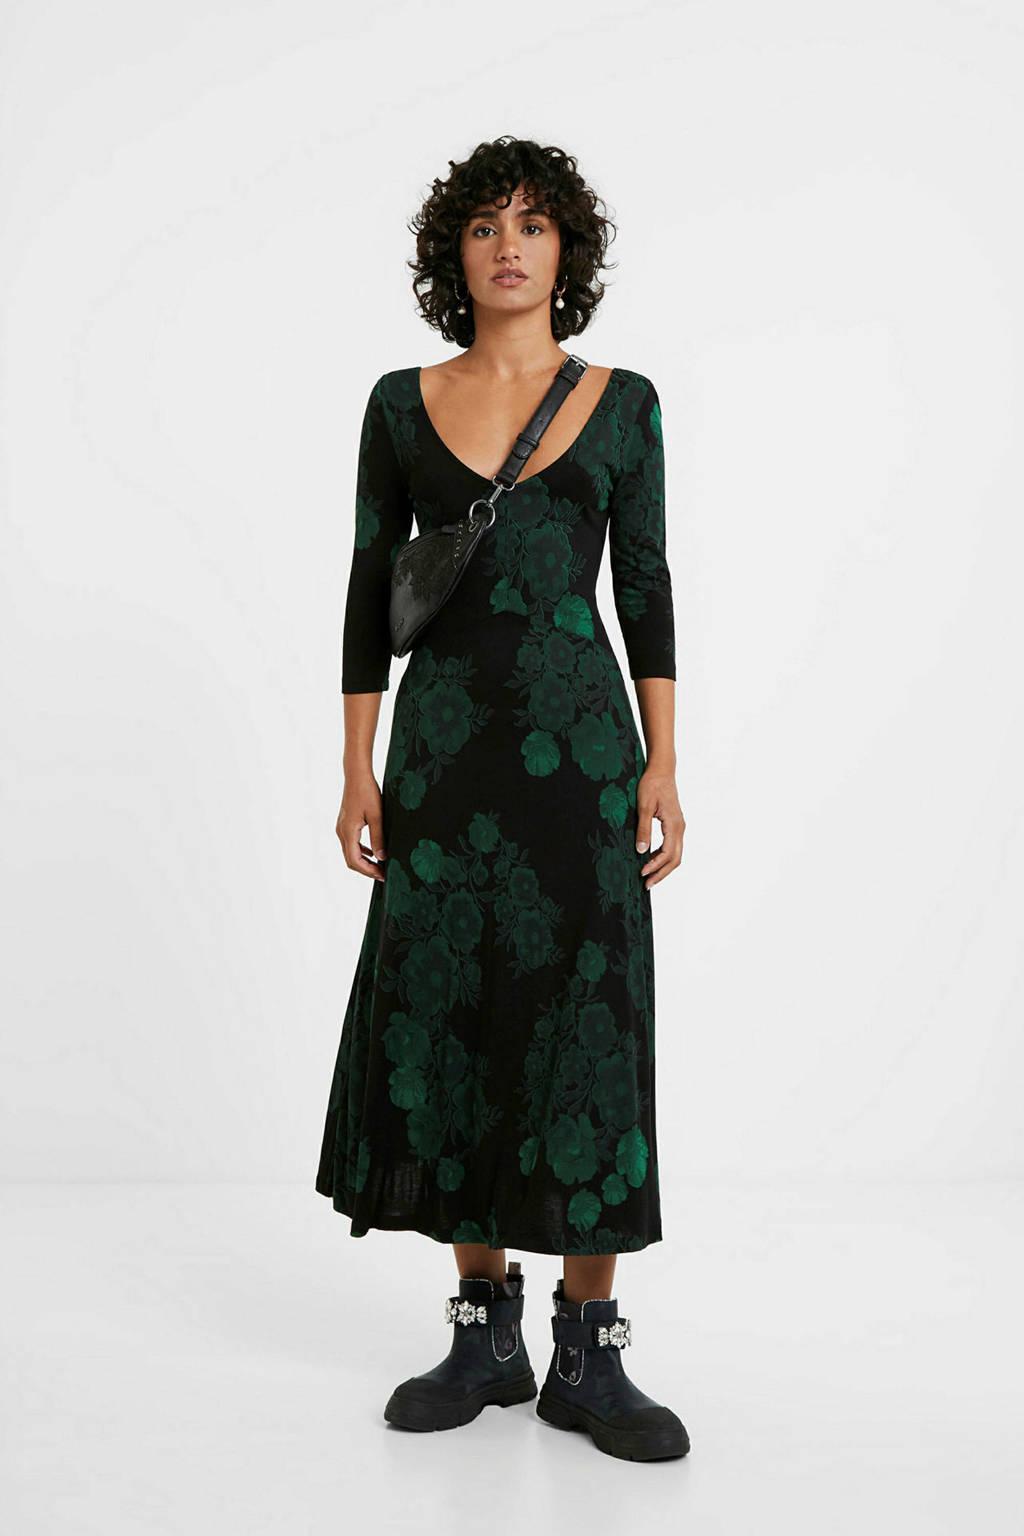 Desigual gebloemde maxi jurk zwartt/groen, Zwartt/groen